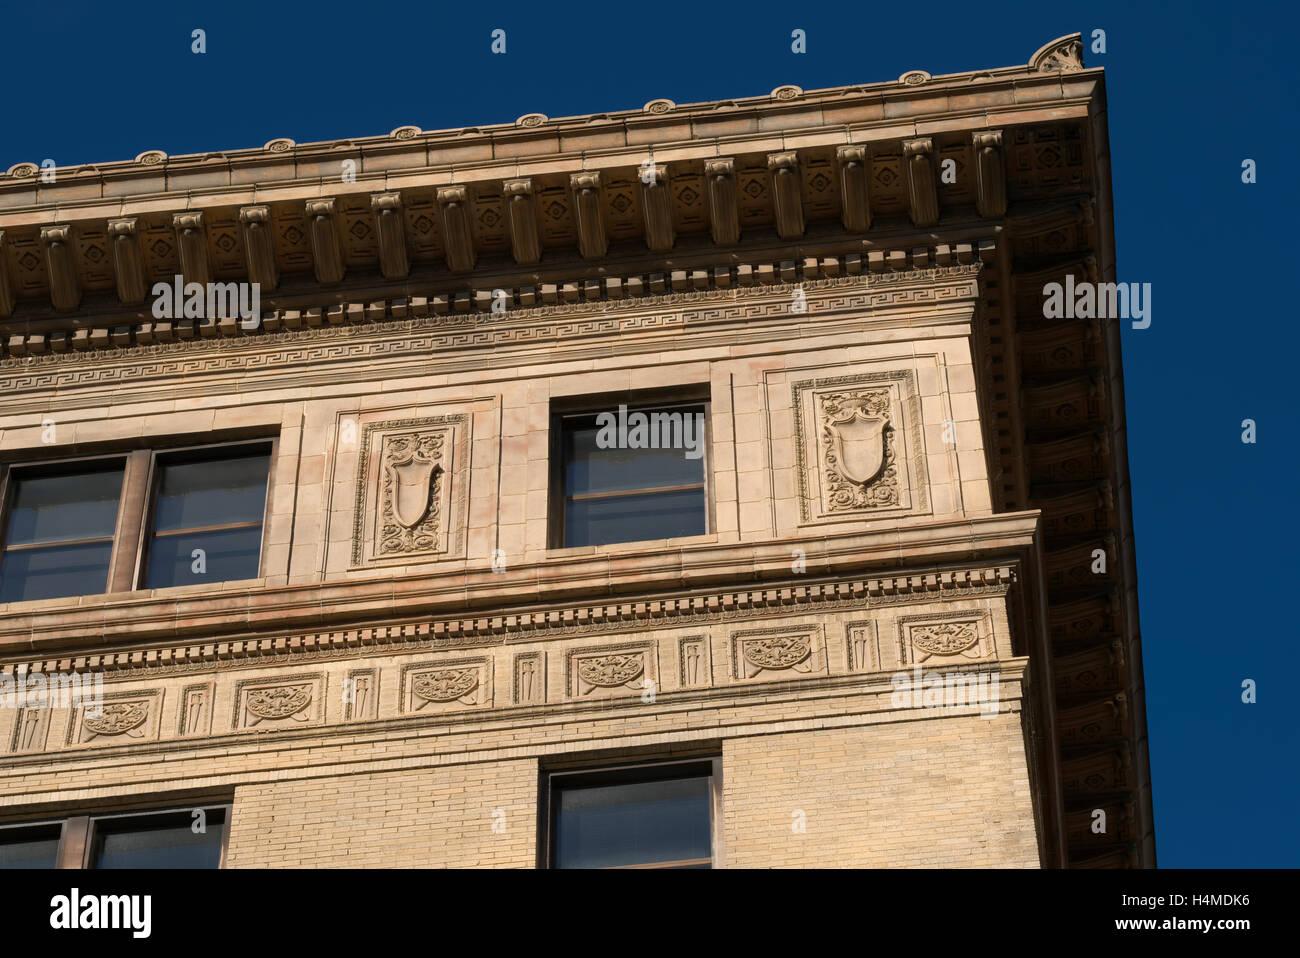 Neorenaissance-Stil-Architektur-Hochhaus am W 3rd und North Main Street. Winston Salem NC. Stockbild